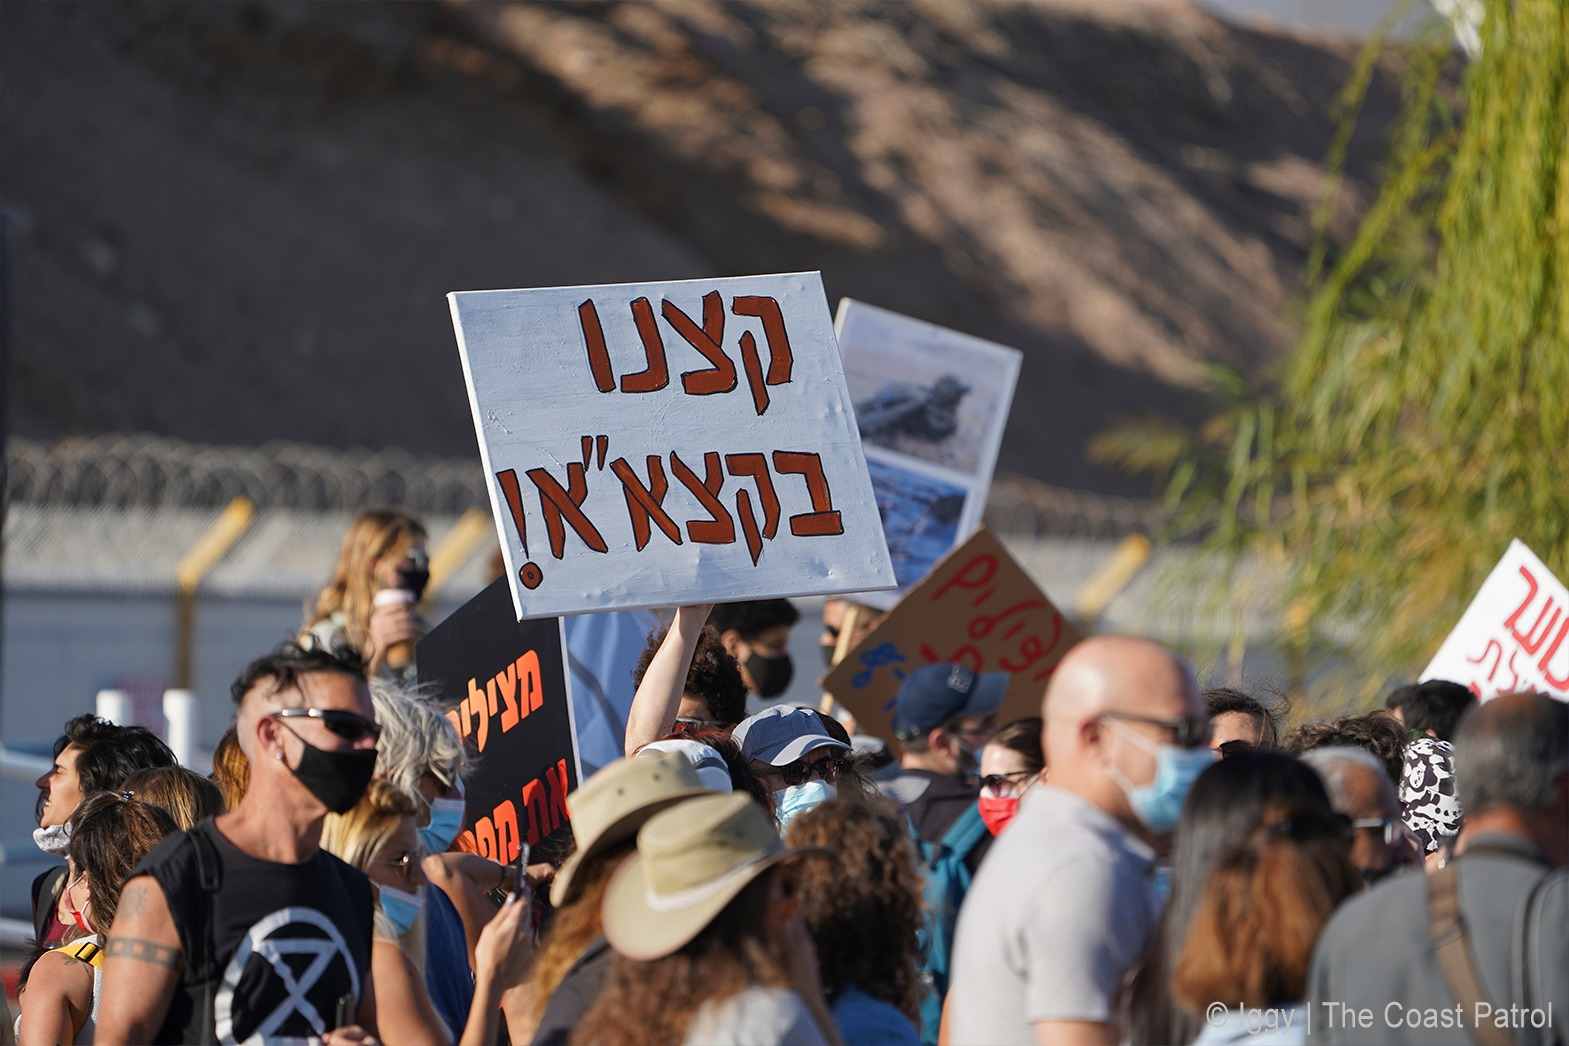 כ-150 איש הפגינו נגד קצא''א אמש